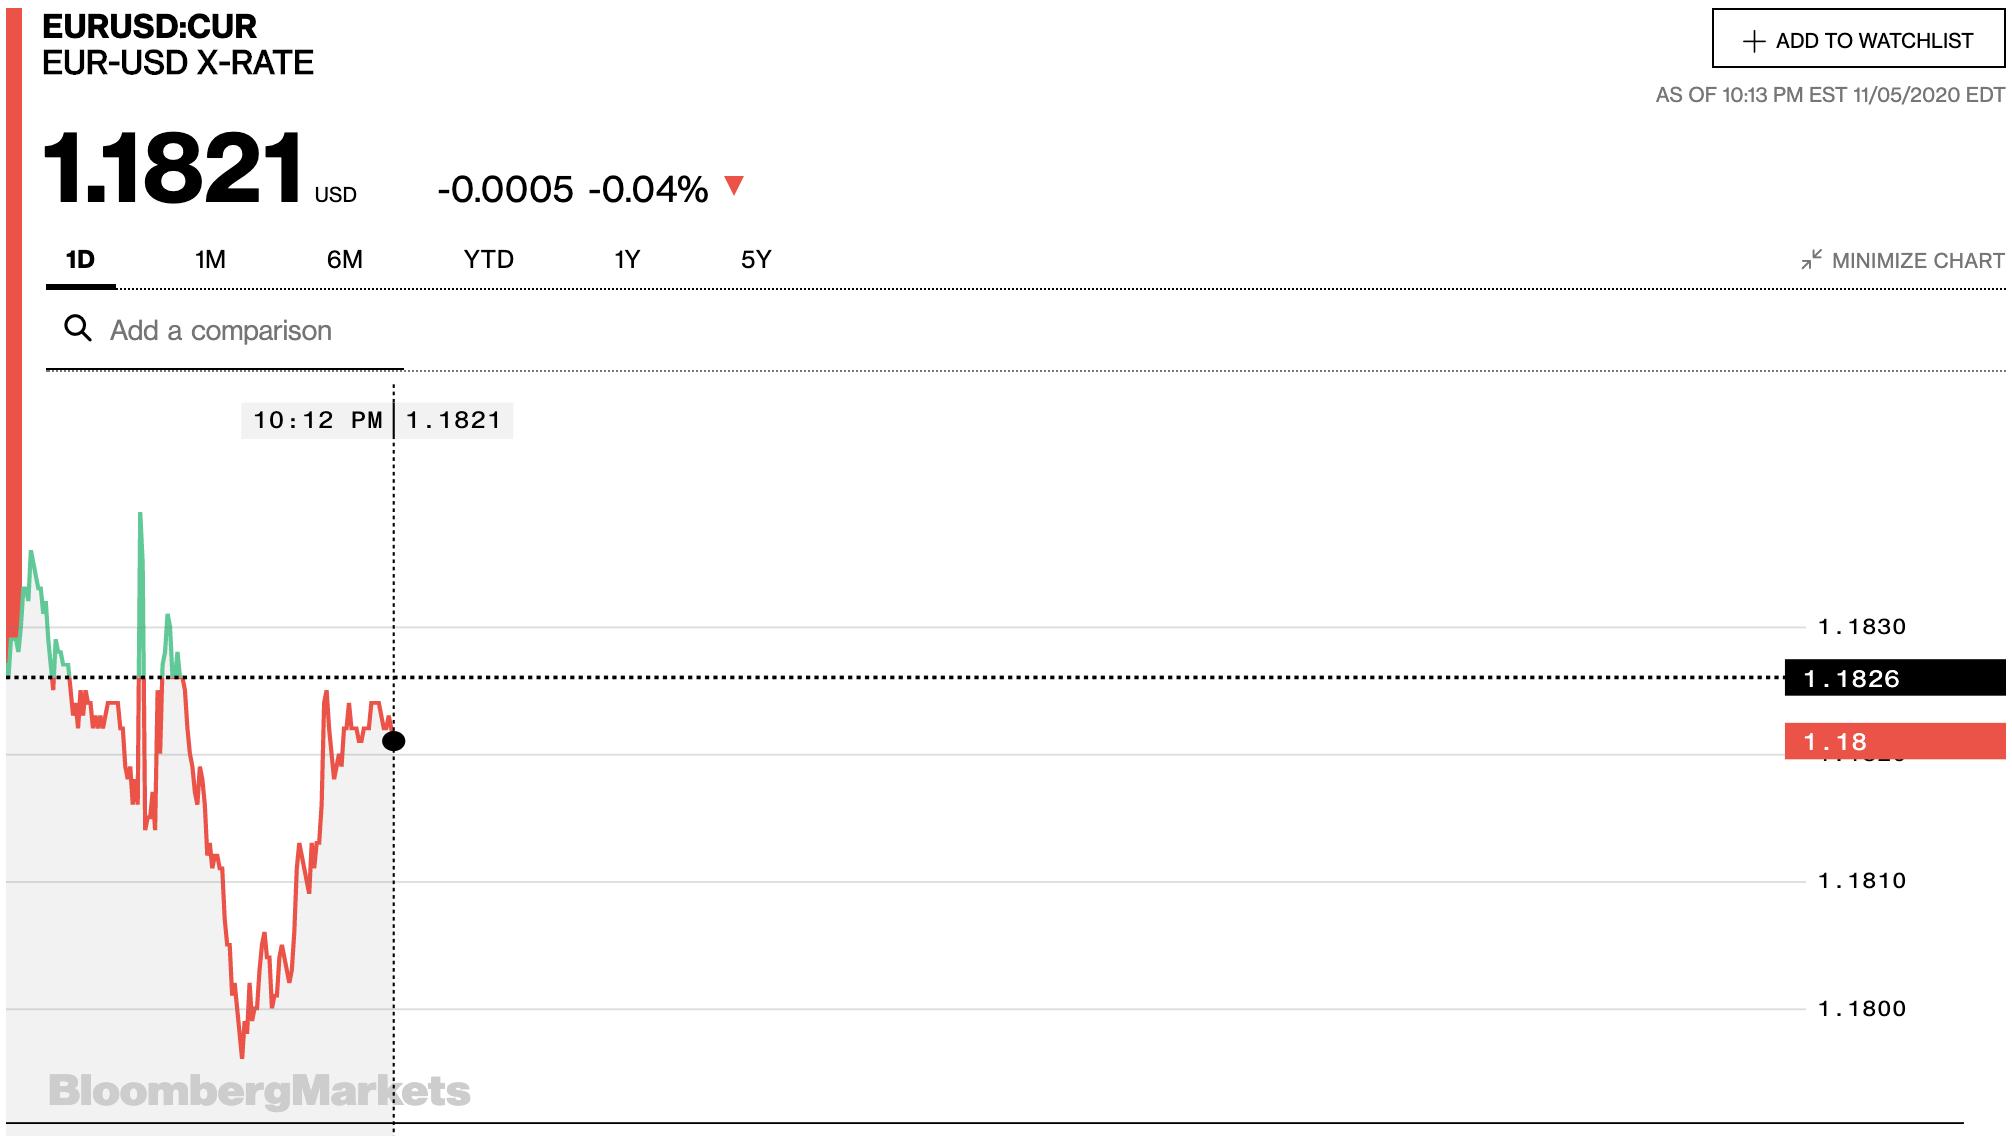 Tỷ giá euro hôm nay 6/11: Tiếp tục tăng đồng loạt tại các ngân hàng - Ảnh 2.